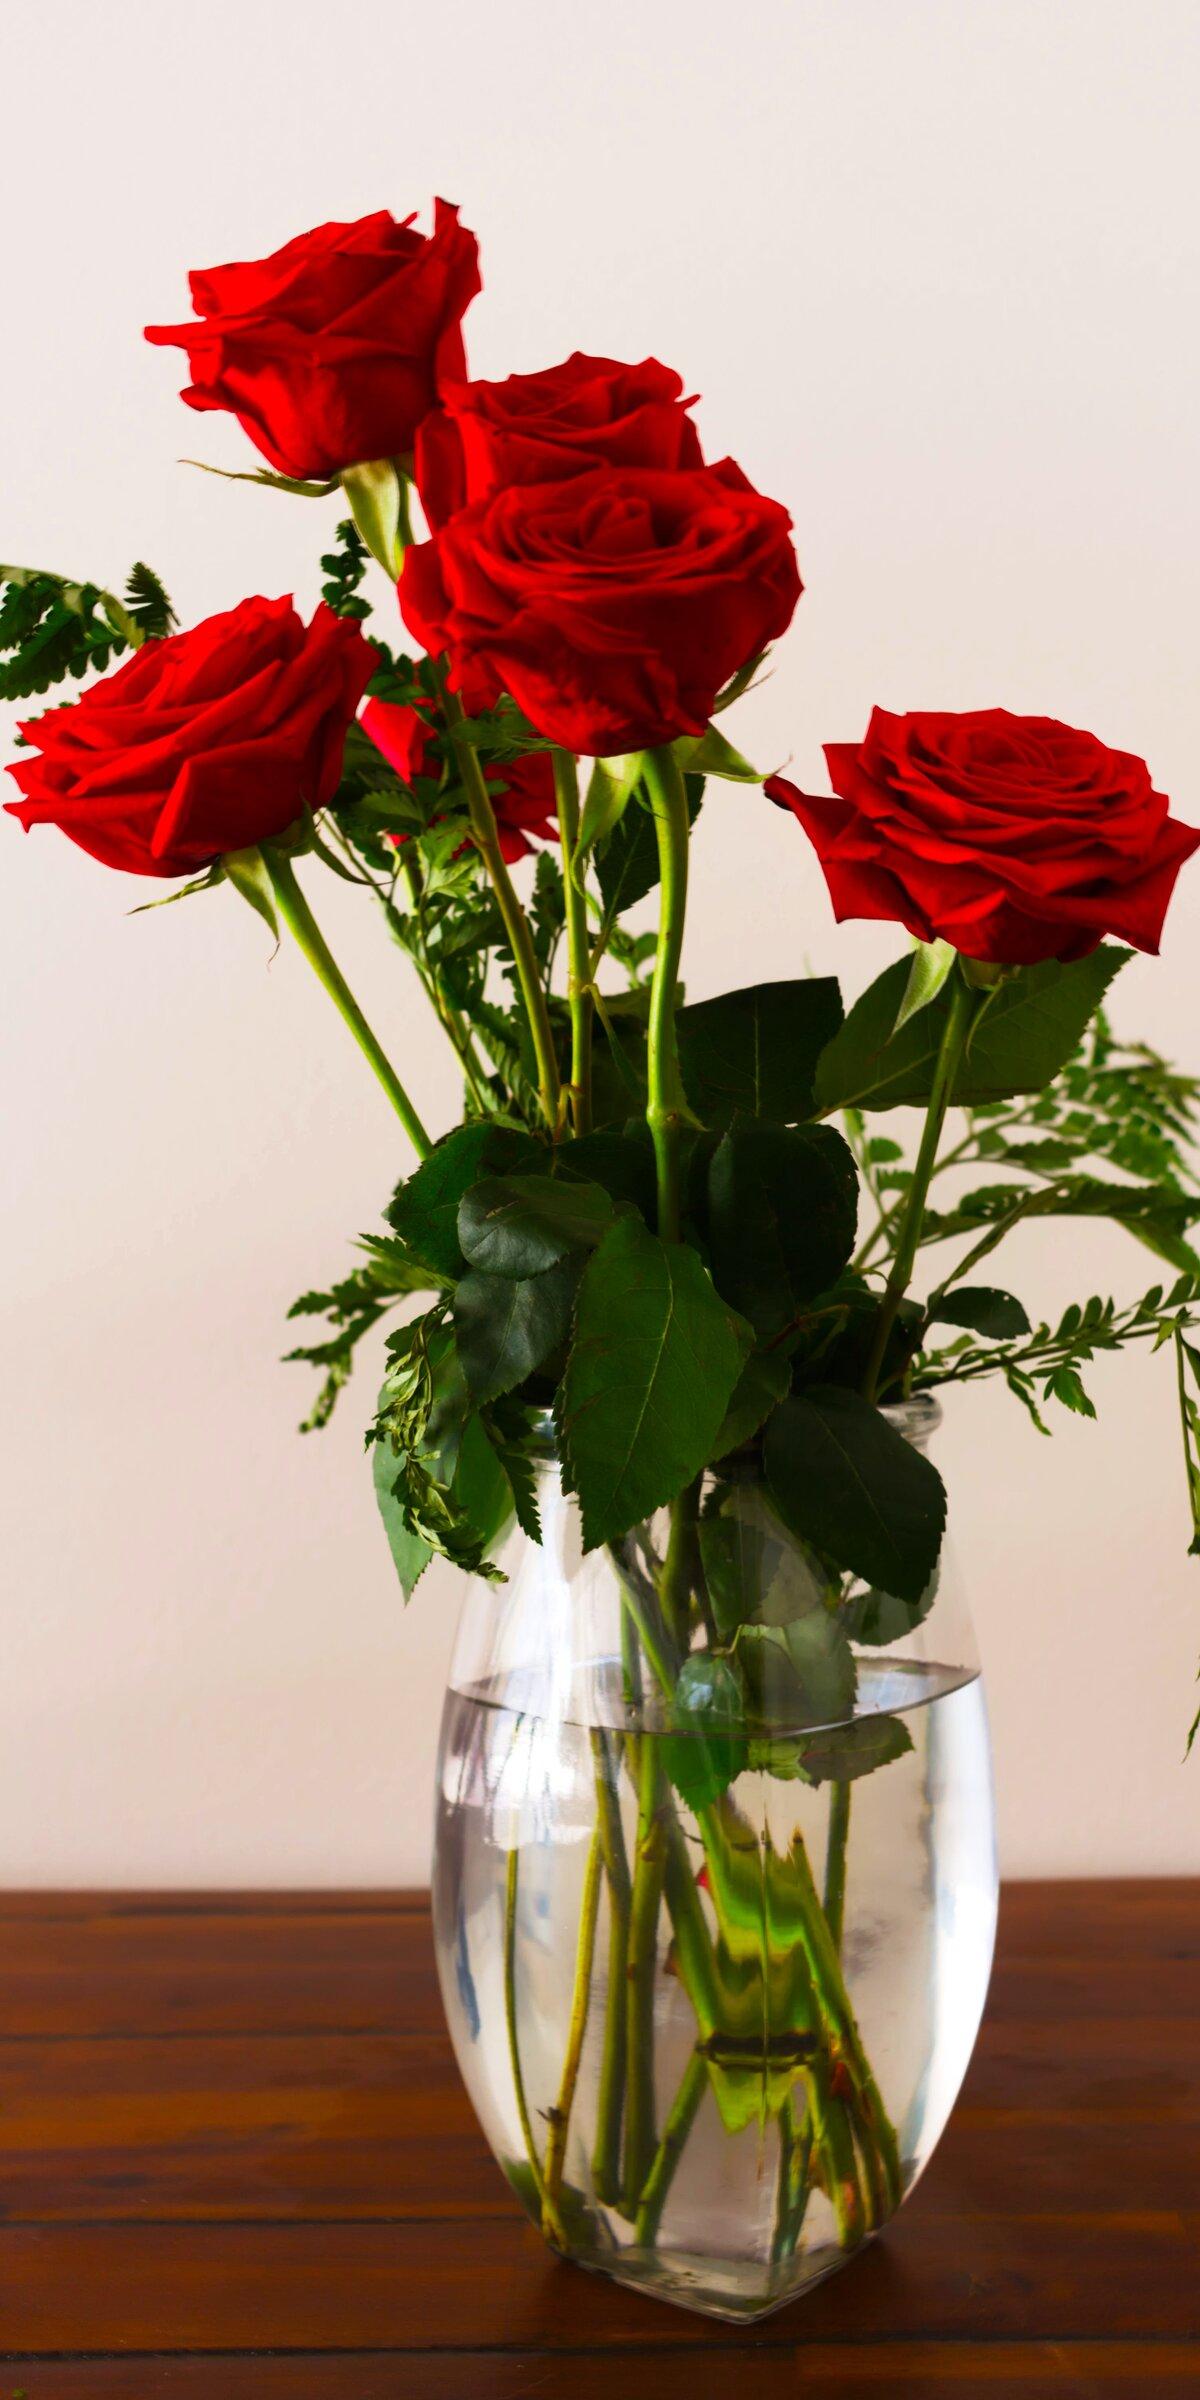 актриса букет цветов фото в вазе хеопса изначально